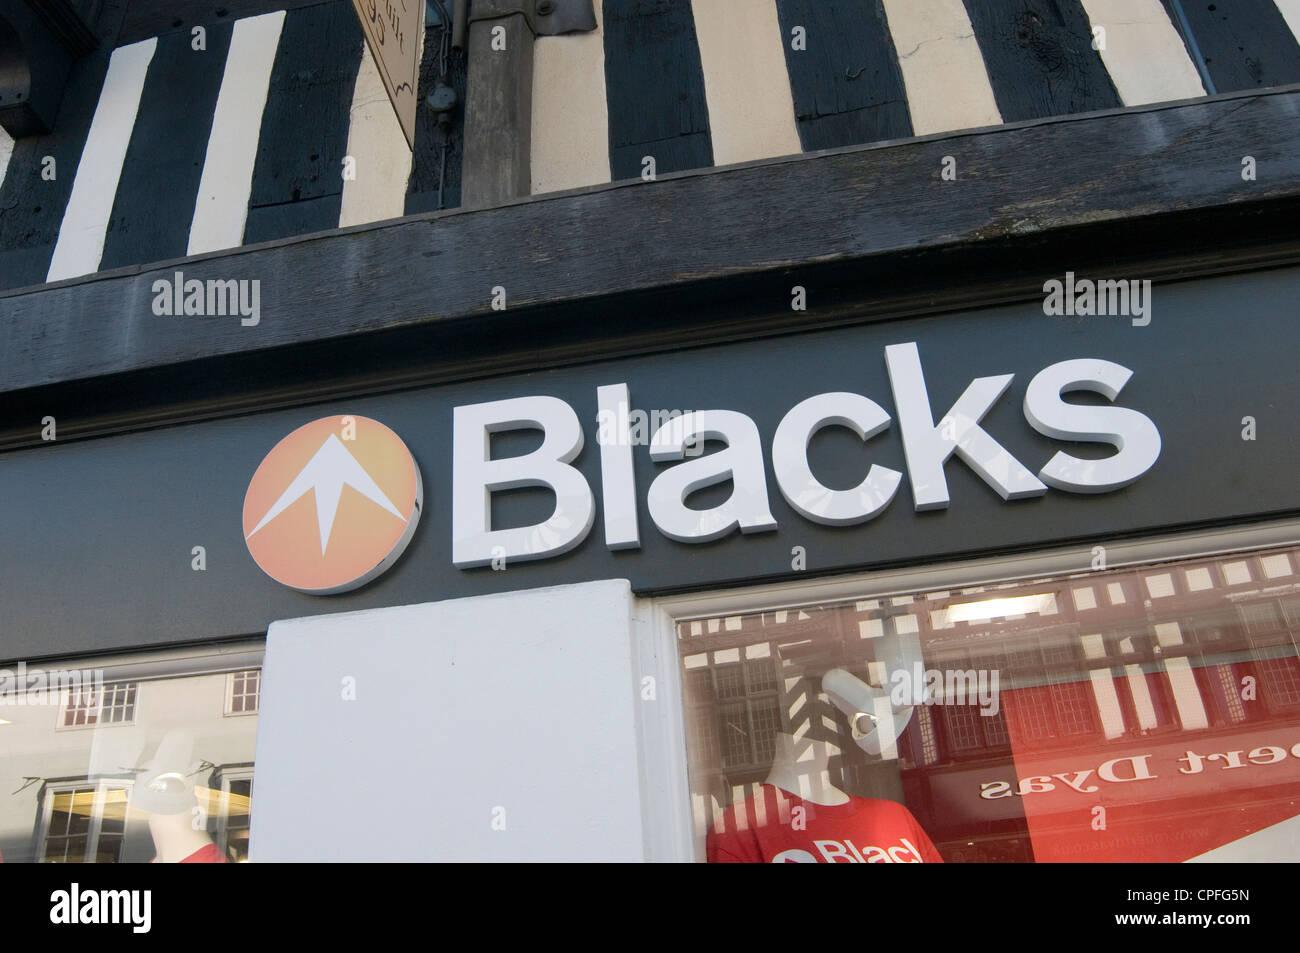 Los negros tienda de ropa exterior tienda tiendas tiendas minoristas minoristas ahora propiedad de JD sports Imagen De Stock